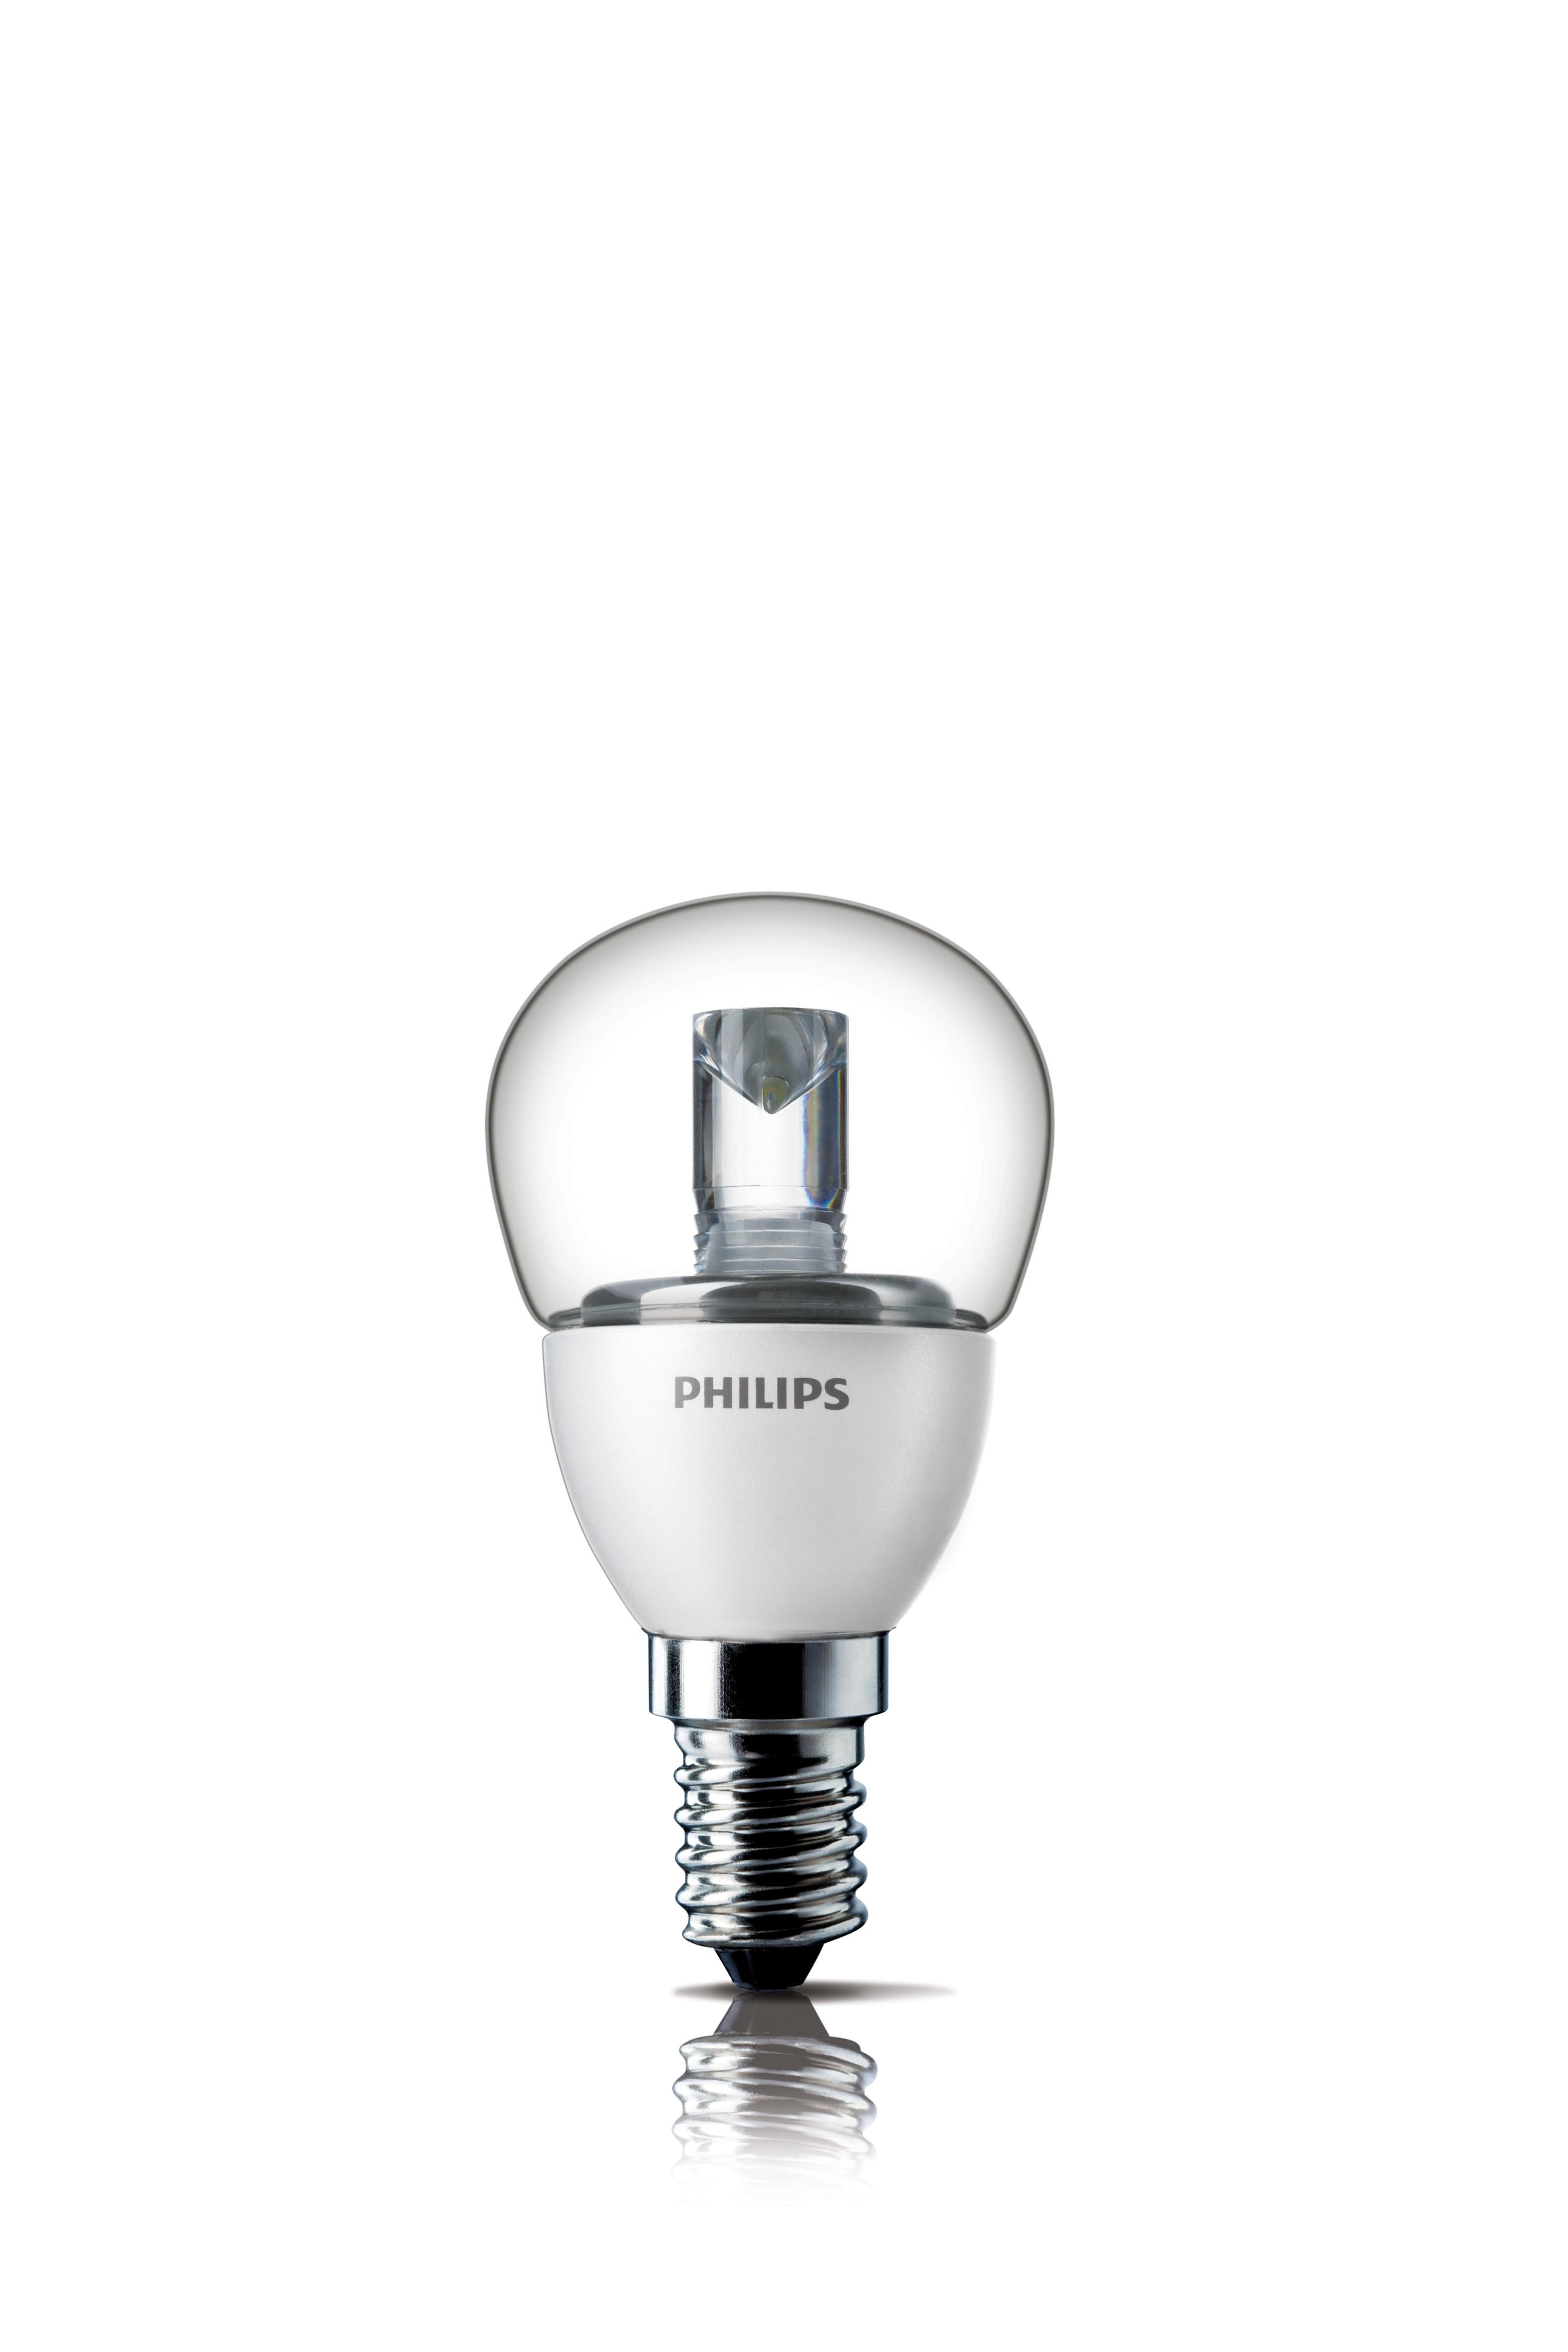 philips led lampen nachhaltig besser beleuchten. Black Bedroom Furniture Sets. Home Design Ideas